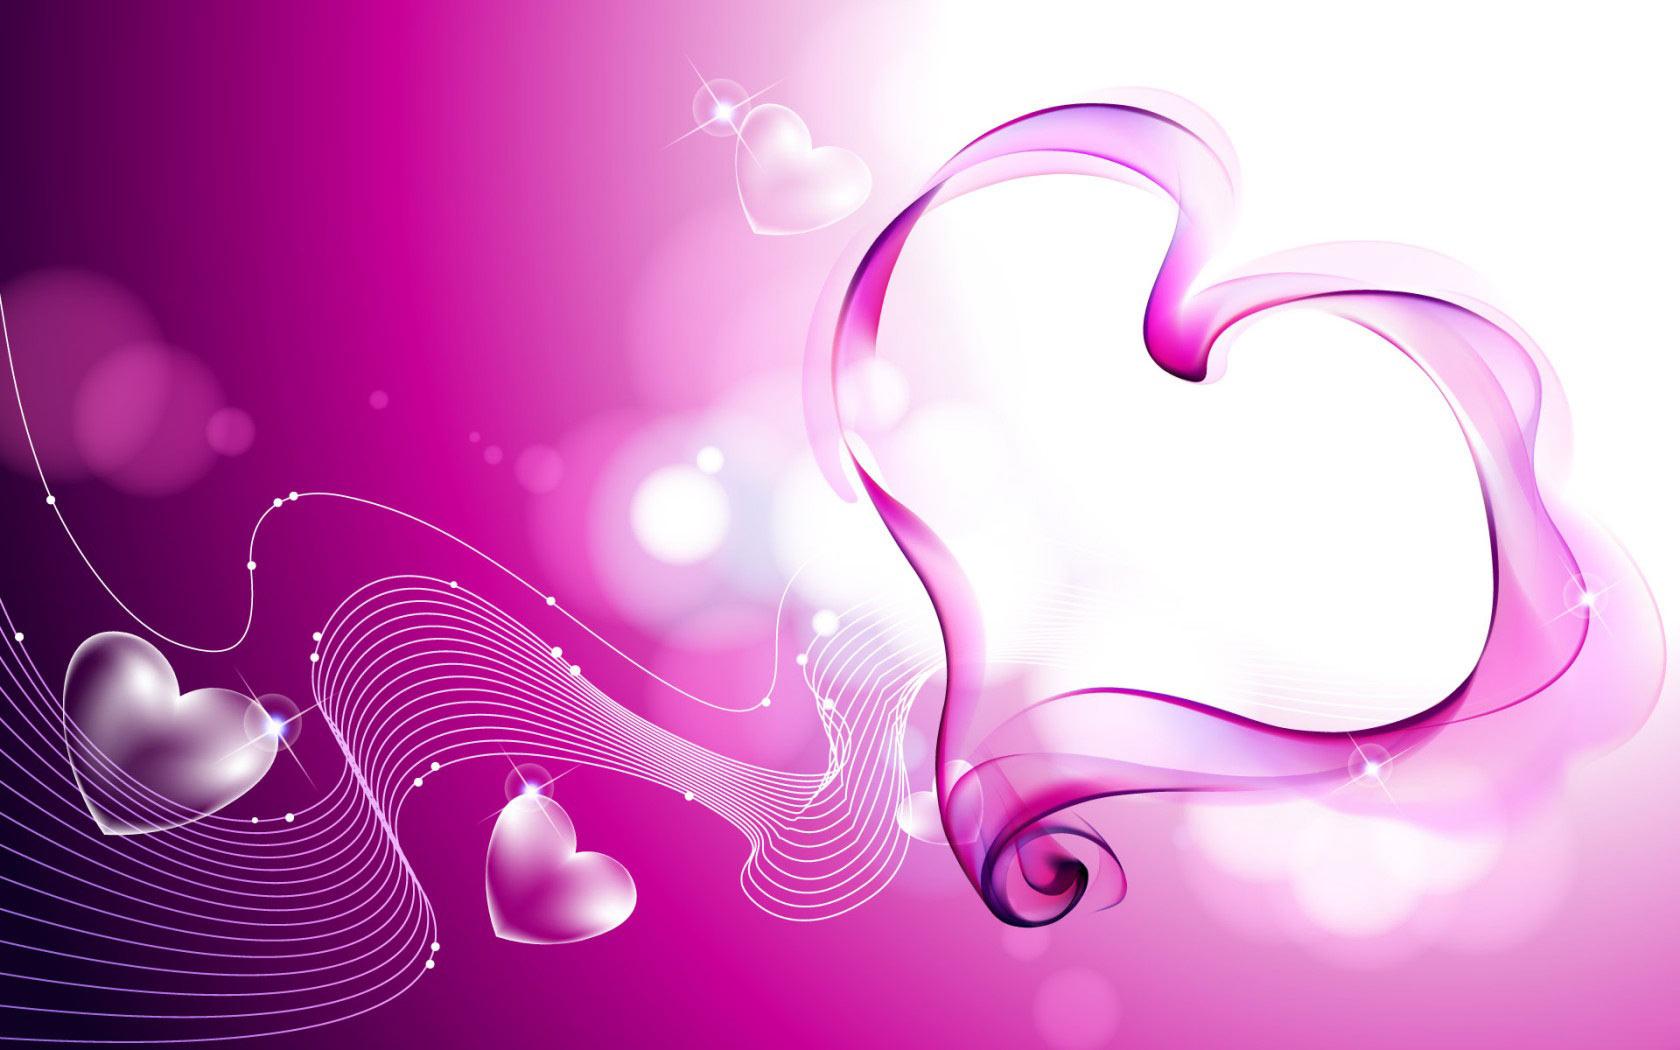 صور قلوب وحب ورومانسية وصورة قلب HD  (7)